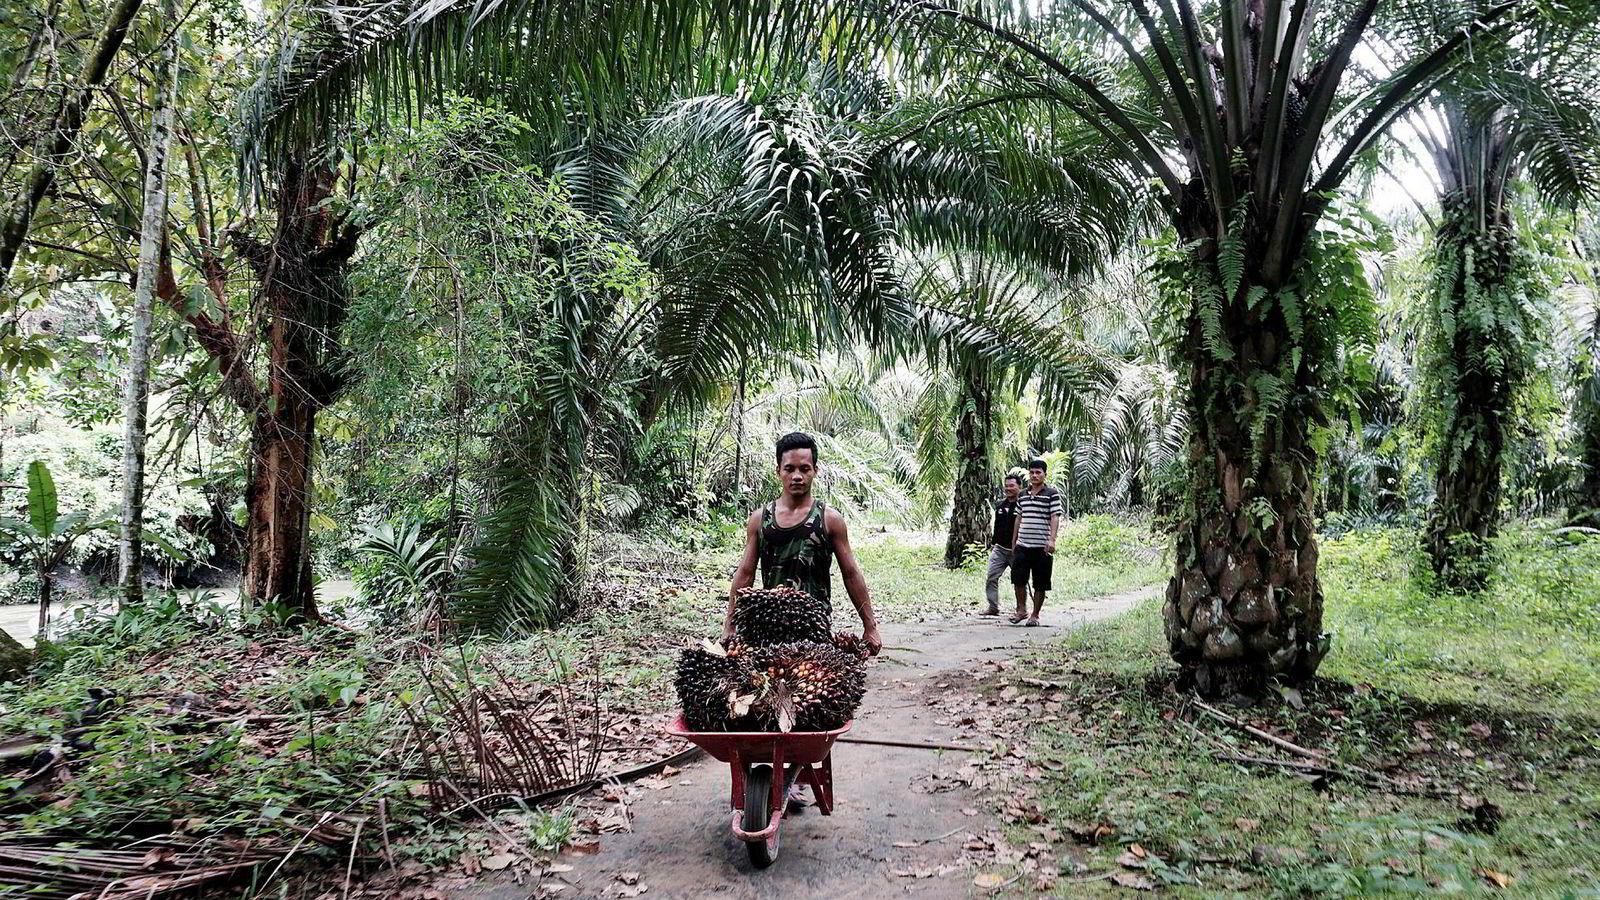 Norge og EU fremmer biodrivstoff som klimatiltak og bidrar til å øke etterspørselen etter palmeolje, som her fra en plantasje nord på Sumatra i Indonesia. Samtidig skades klimaet fordi regnskog kuttes for å gi plass til flere palmeoljeplantasjer.